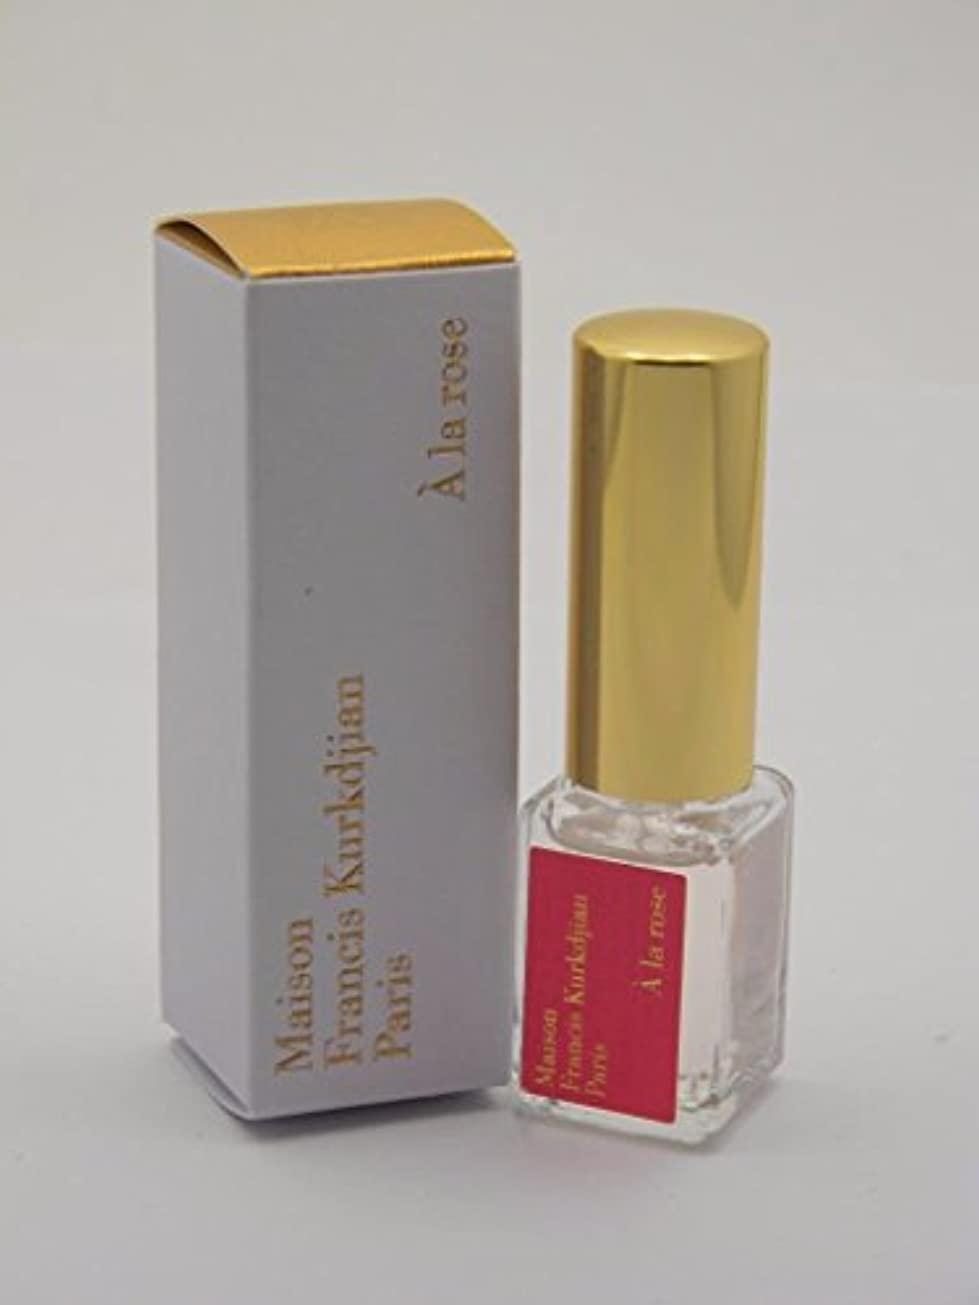 手段行進汚染されたMaison Francis Kurkdjian A la Rose (メゾン フランシス クルジャン ア ラ ローズ) 0.17 oz (5ml) EDP Travel Spray (トラベル スプレー)for Women